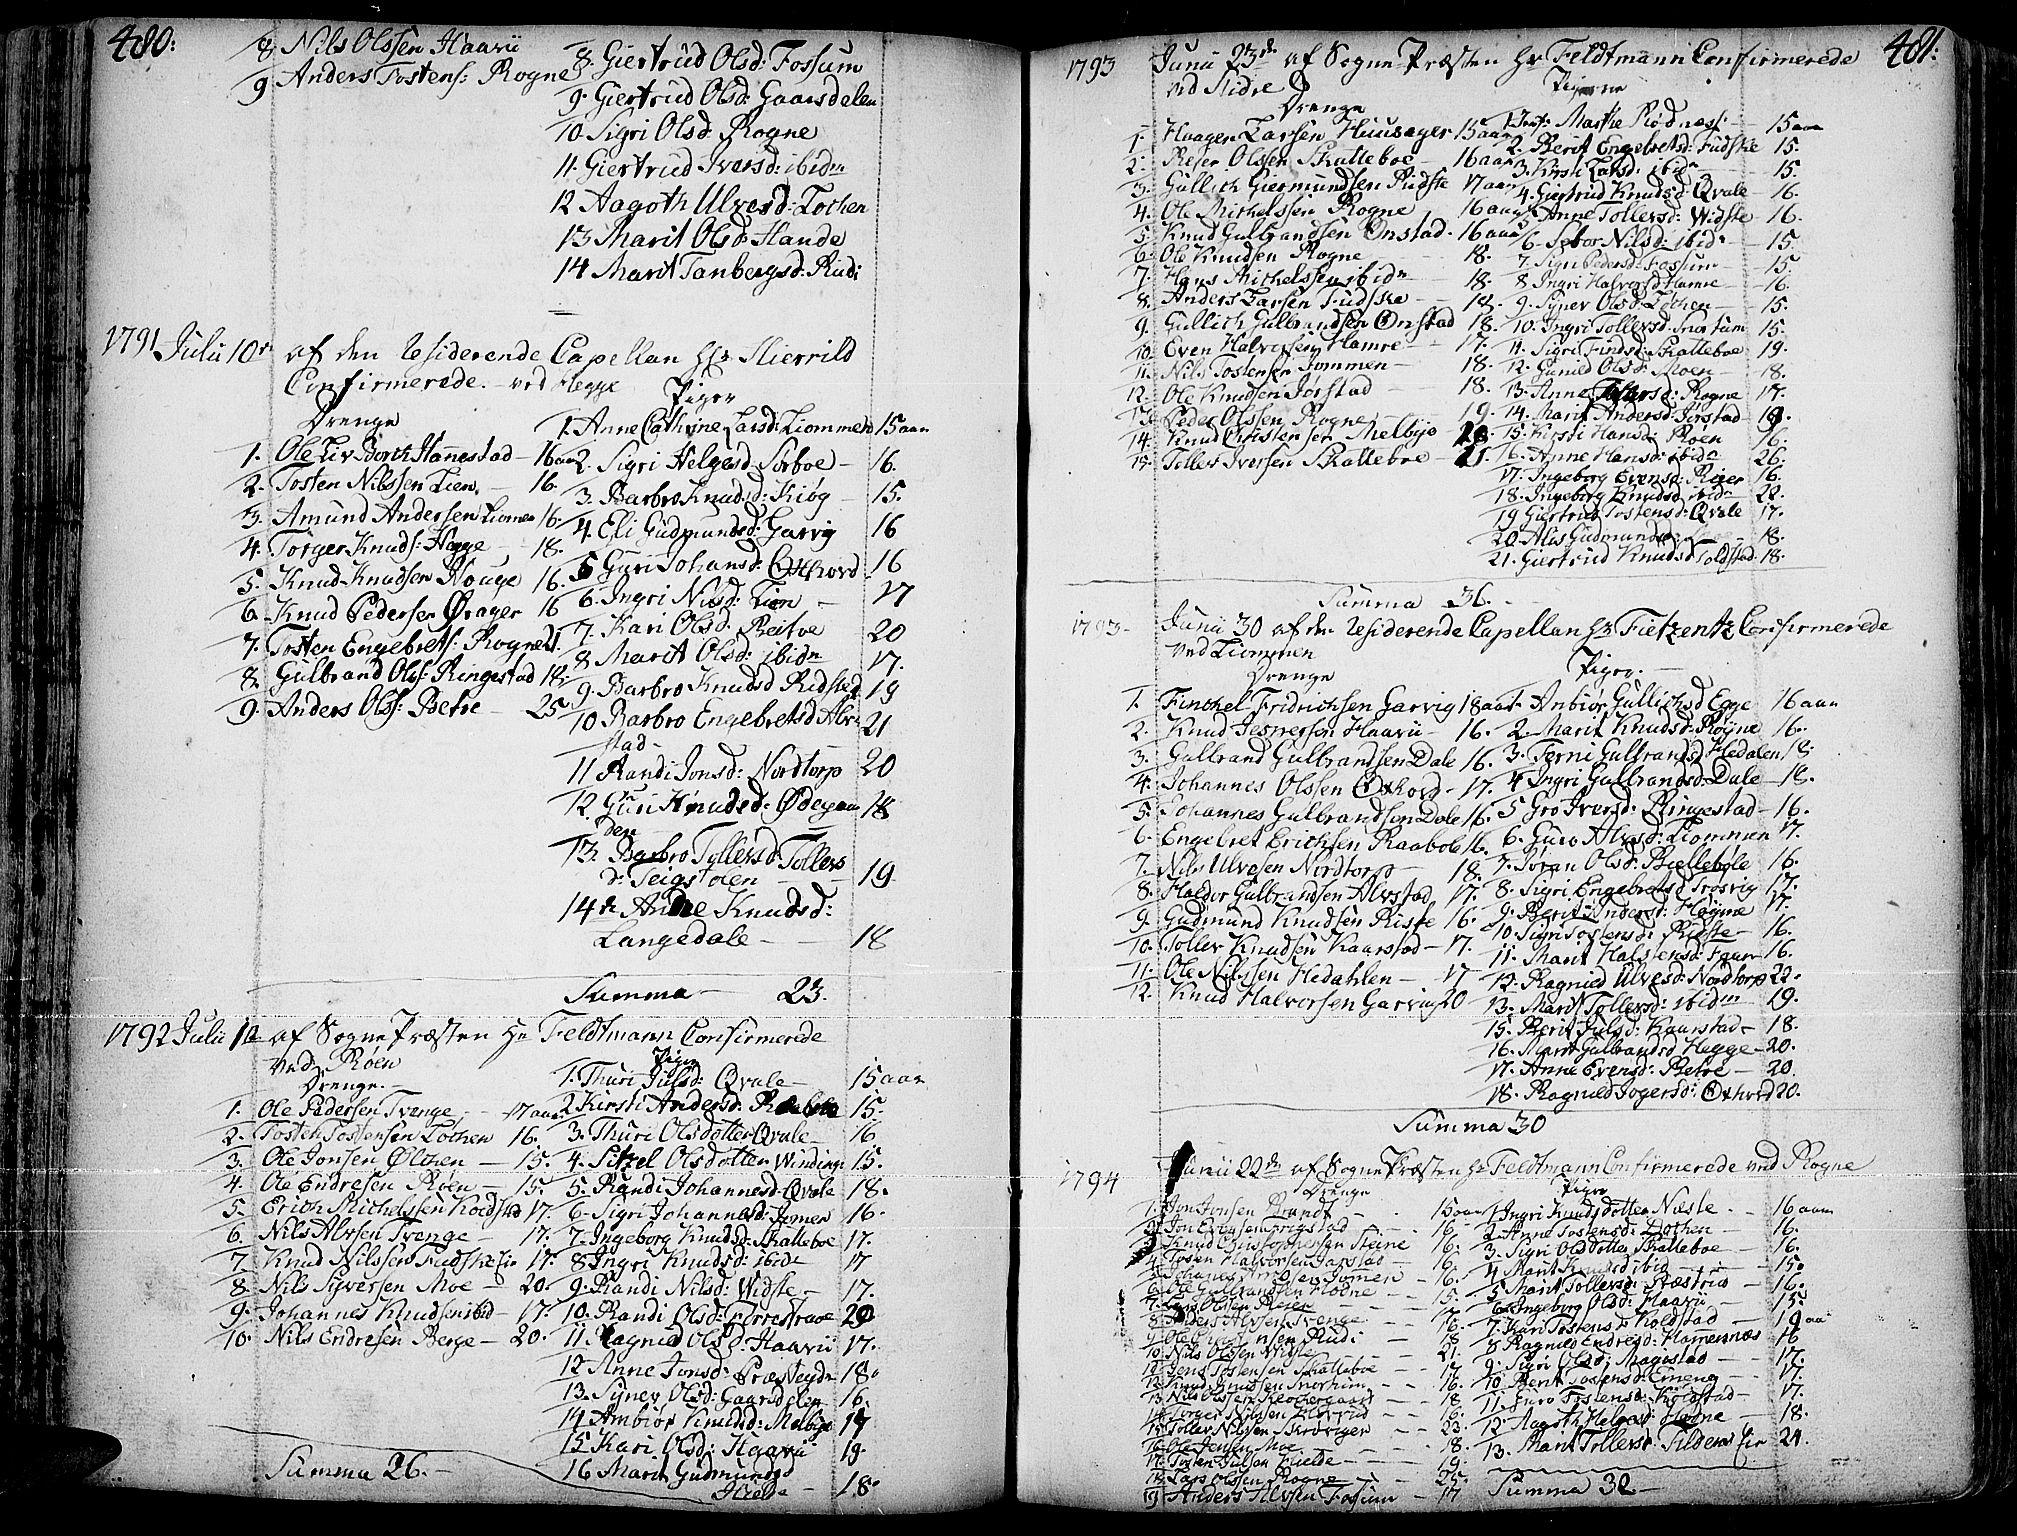 SAH, Slidre prestekontor, Ministerialbok nr. 1, 1724-1814, s. 480-481